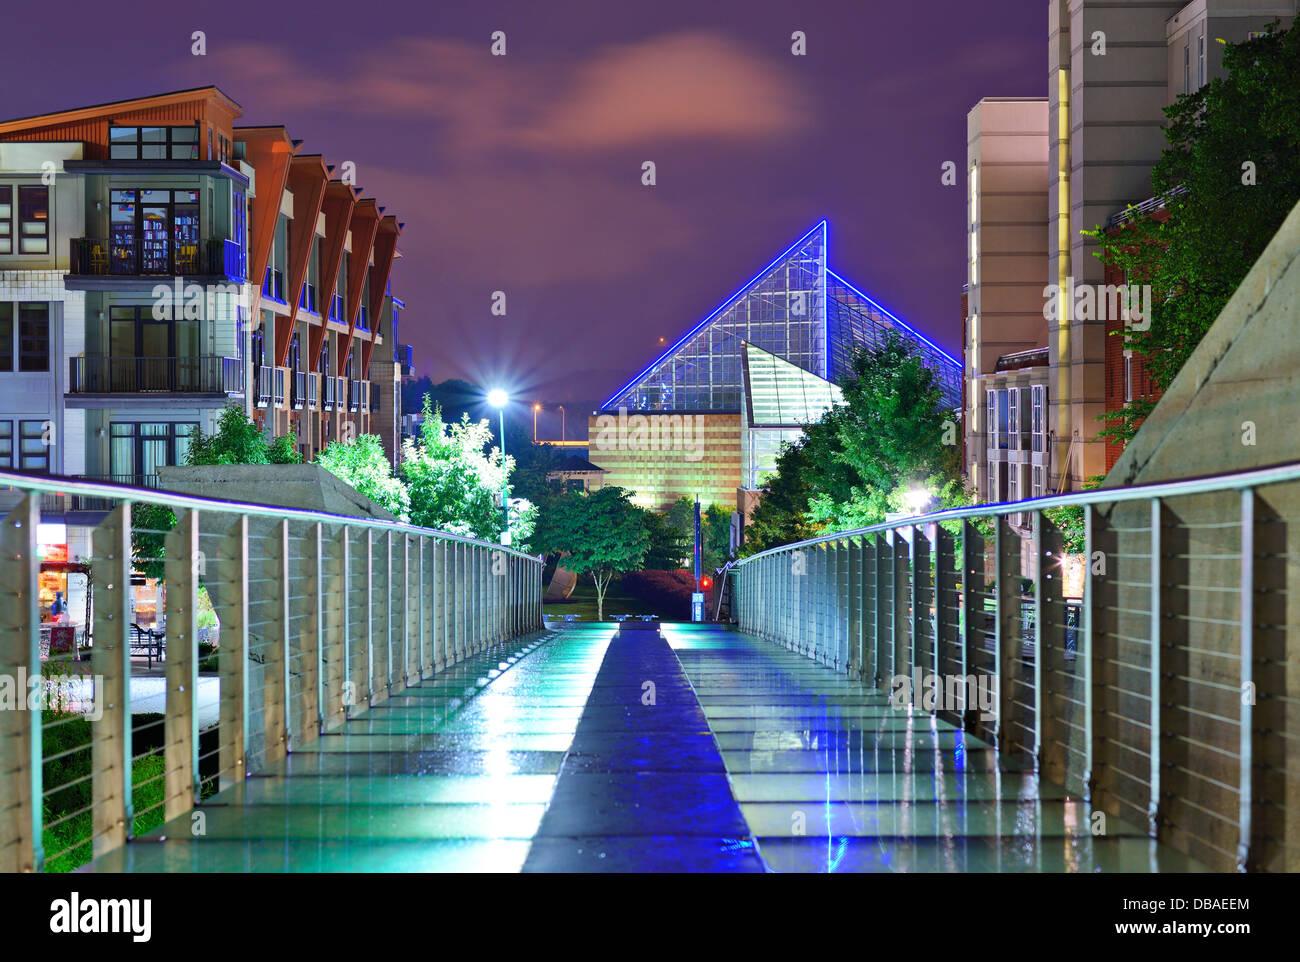 Escena urbana en el centro de la ciudad de Chattanooga, Tennessee, Estados Unidos. Foto de stock